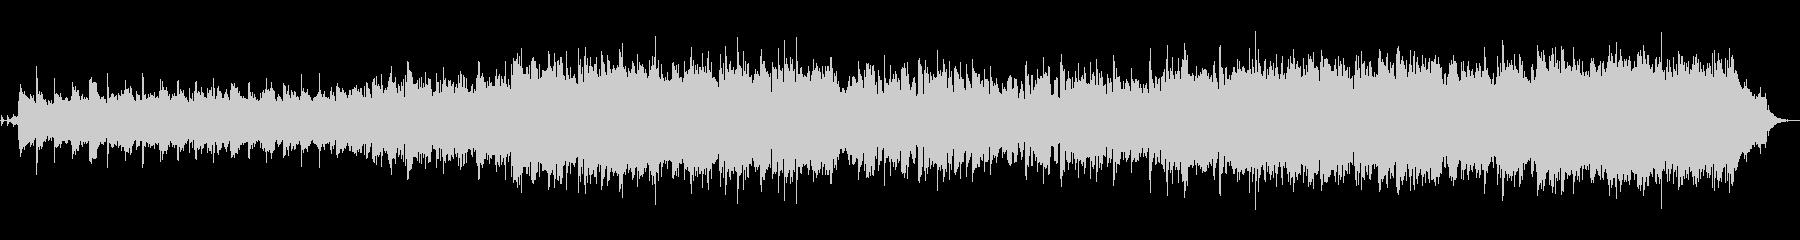 ハイテンポで激しいイングリッシュホルン曲の未再生の波形